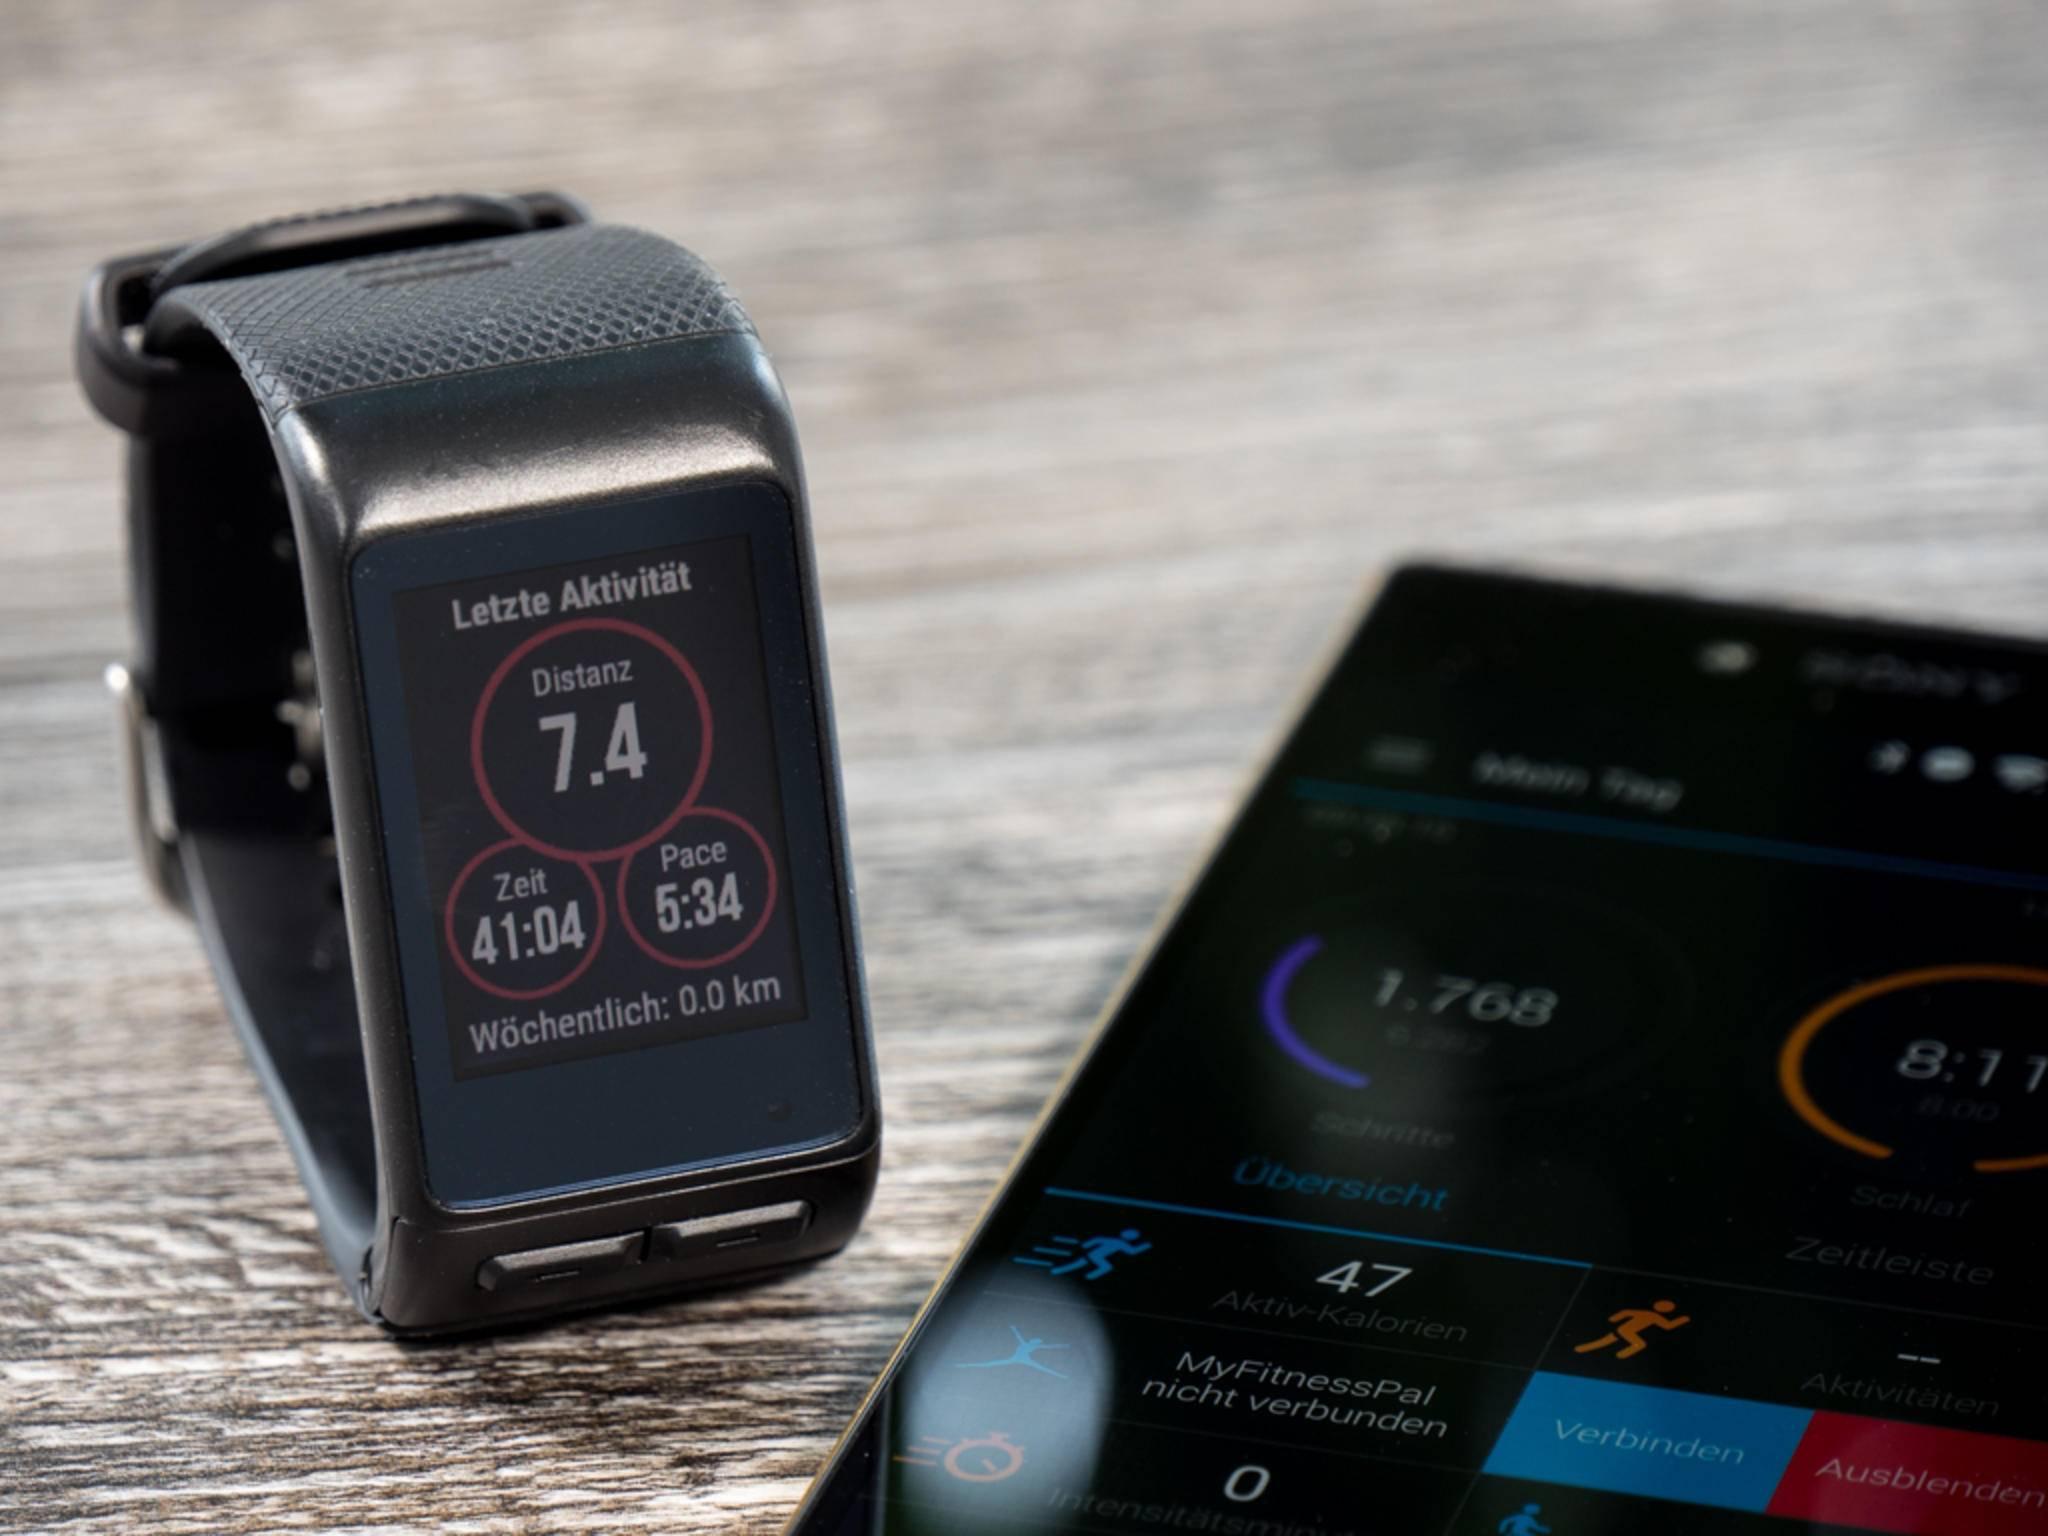 Aktivitätszusammenfassungen gibt es auf der Uhr, Detailanalysen in der App.